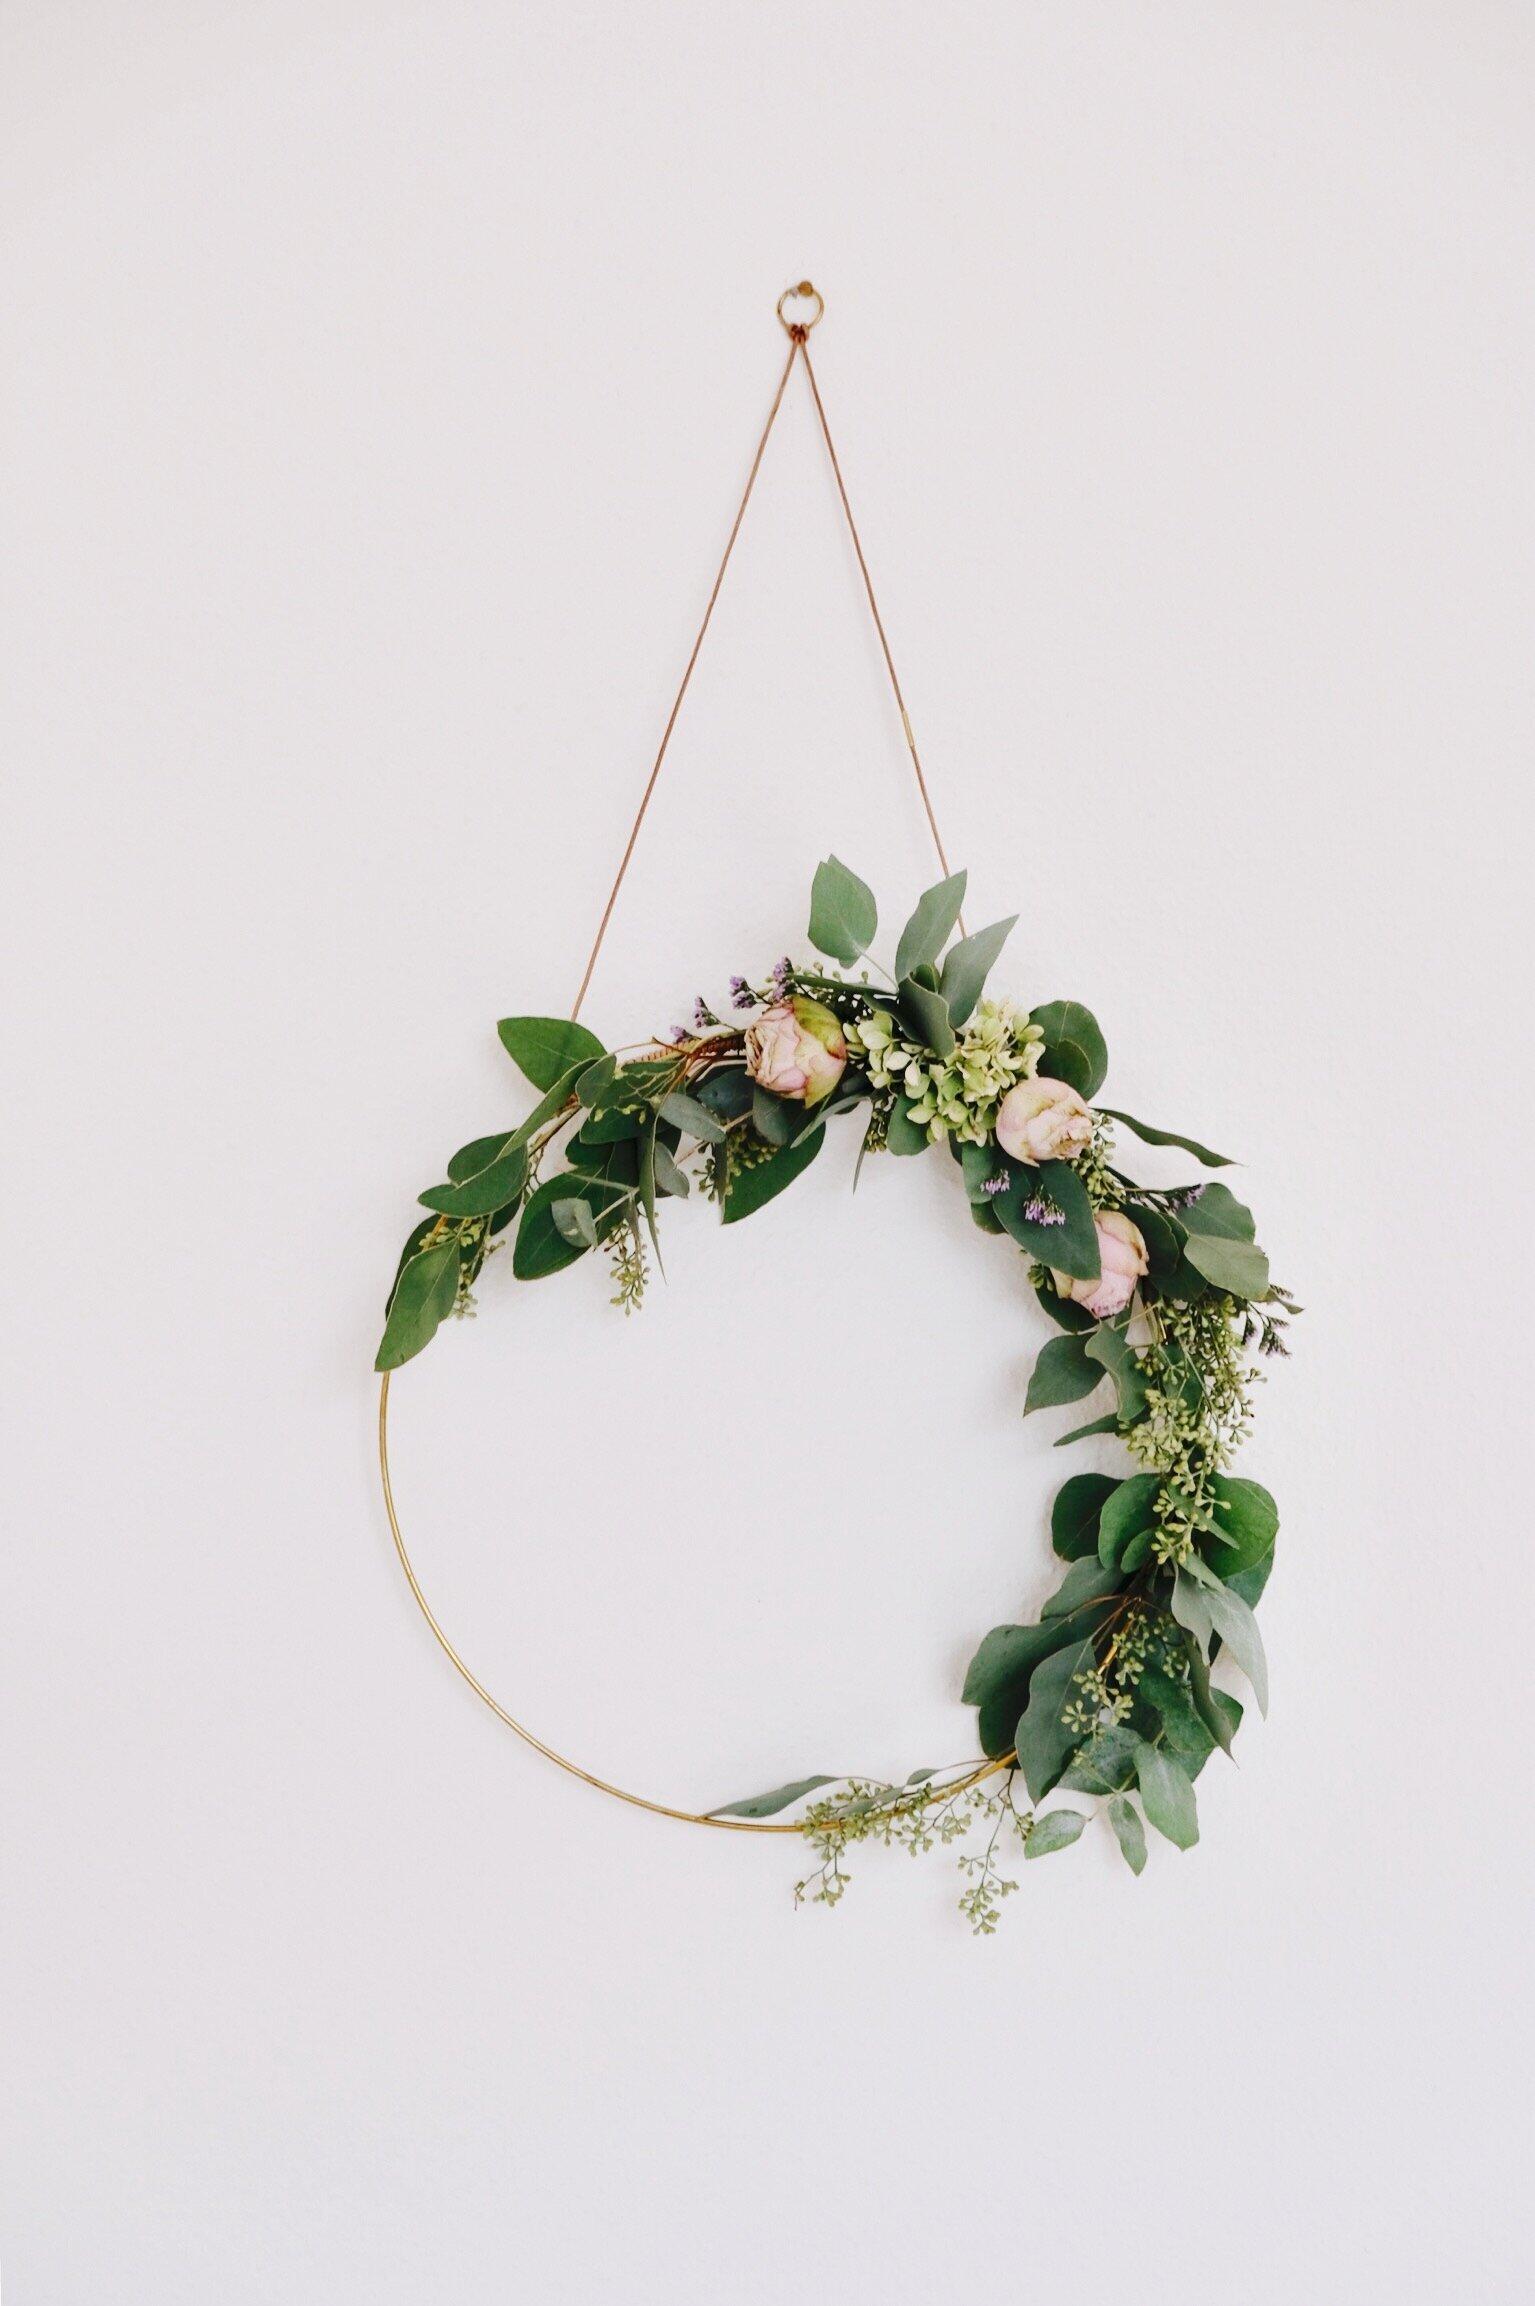 Flowerhoop. - Kannst du ihn schon an deiner Wand oder Türe sehen? Zeitlos hübsch: Aus frischen Blumen kreiert, lebt der Flowerhoop getrocknet ein Leben lang.